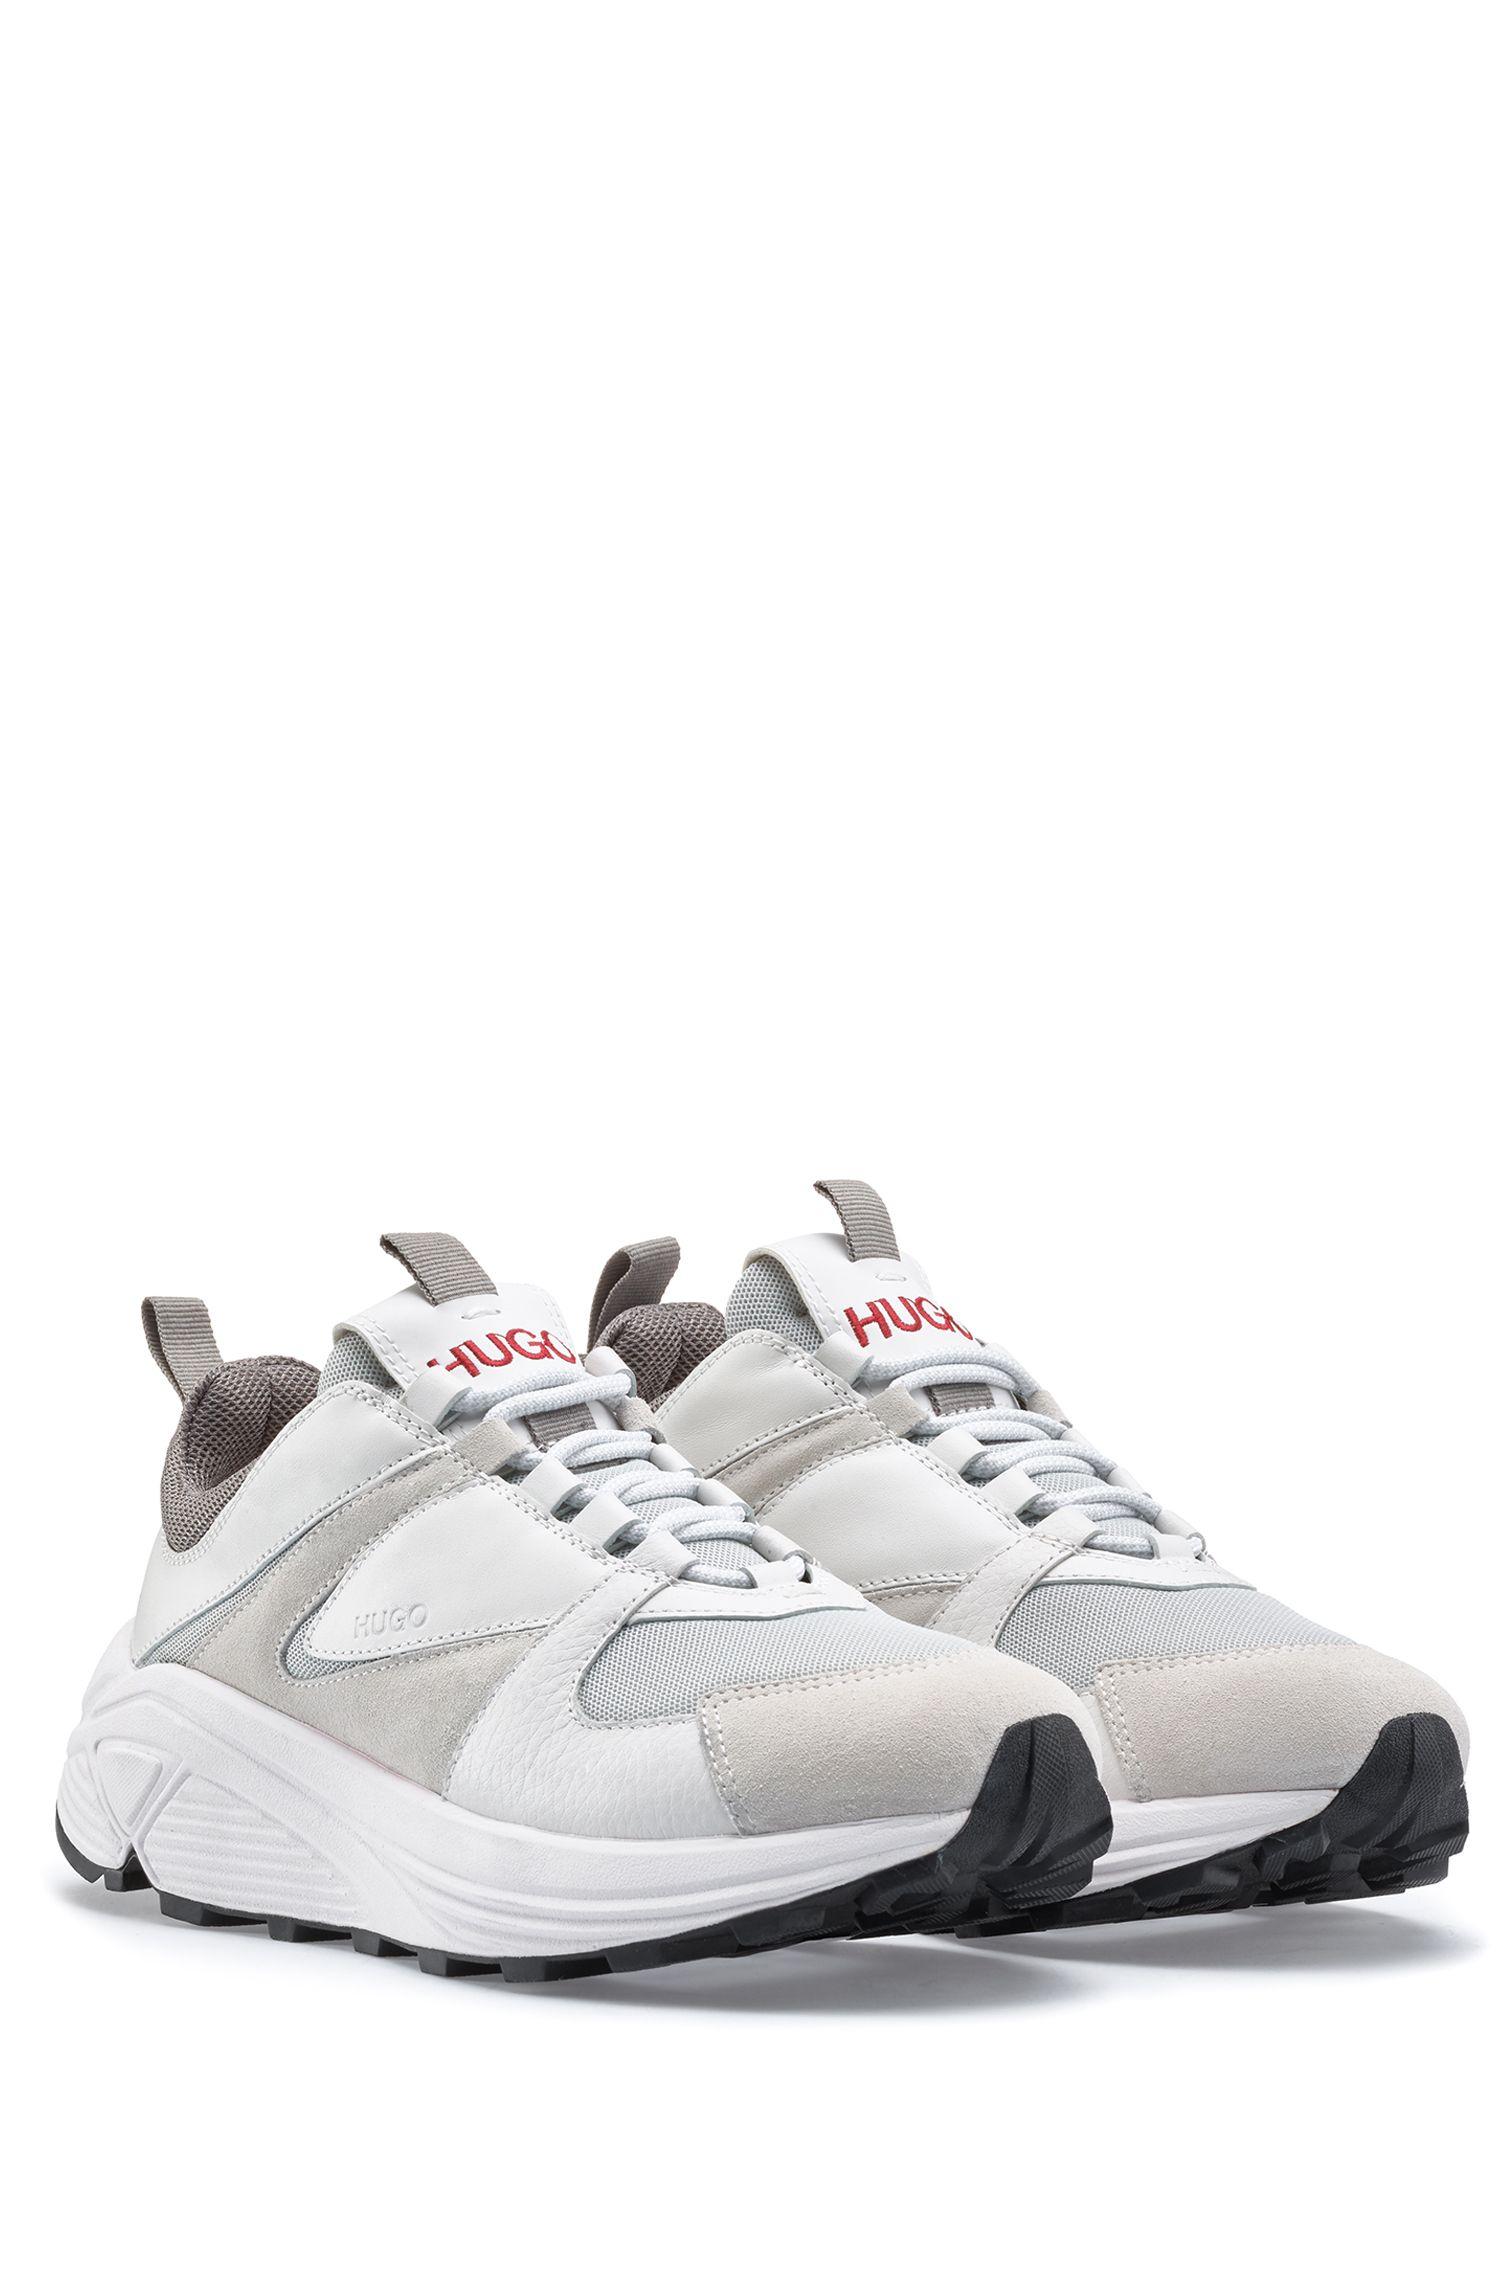 Sneakers aus Mesh, Veloursleder und Leder mit dicker Sohle, Weiß